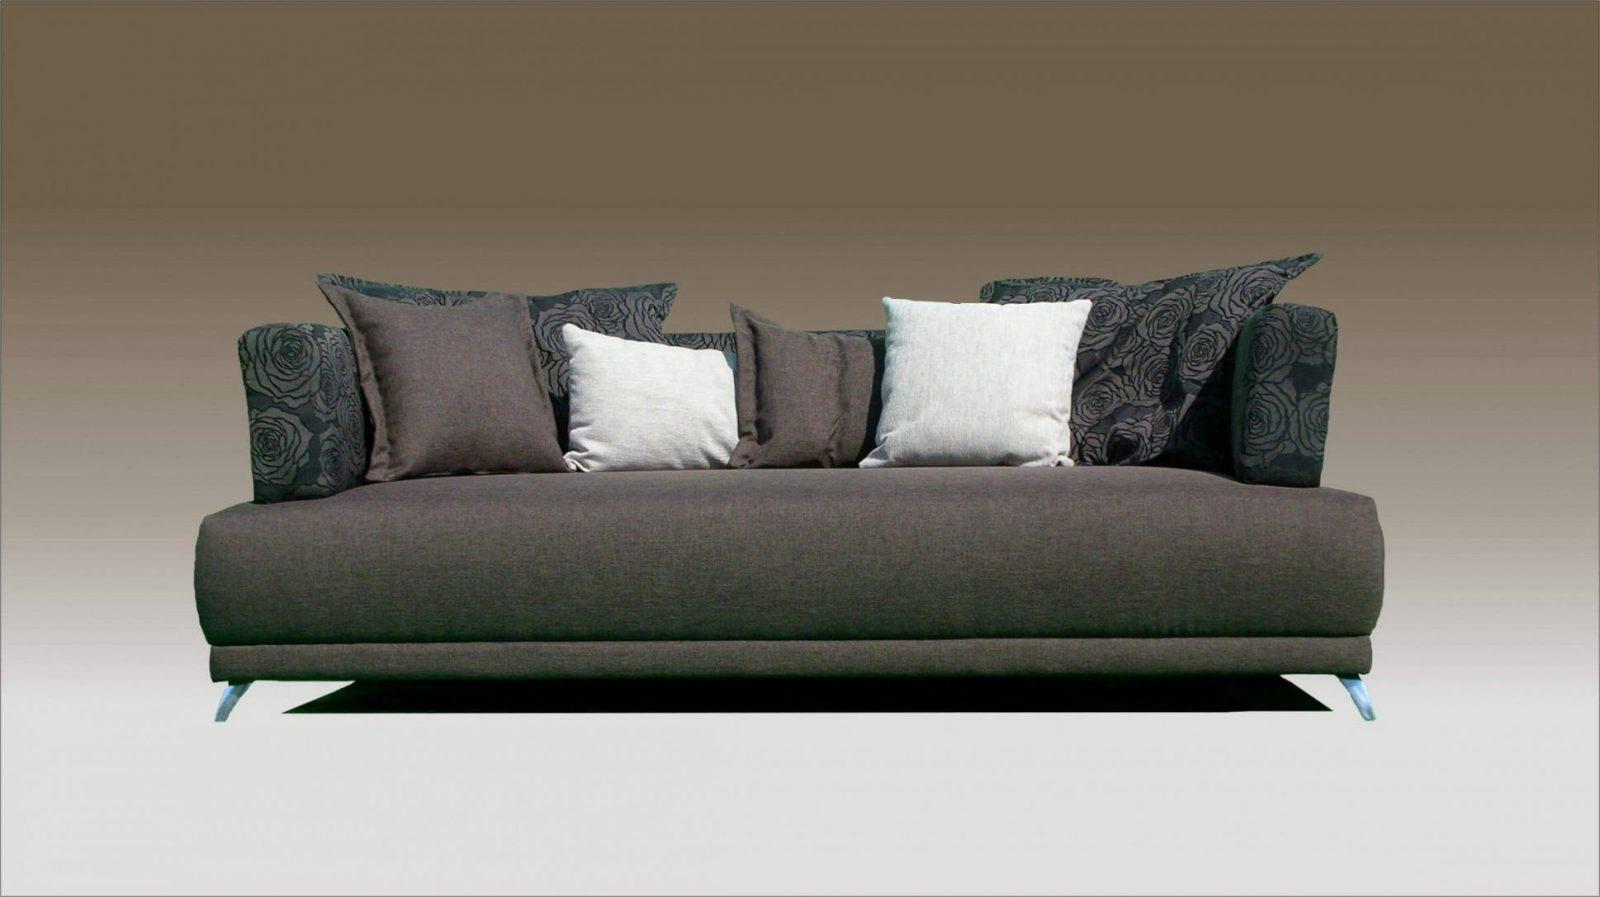 Herrlich Wohnzimmer Tolle Sofa Kleines Wohnzimmer Design von Gemütliches Sofa Für Kleine Räume Bild